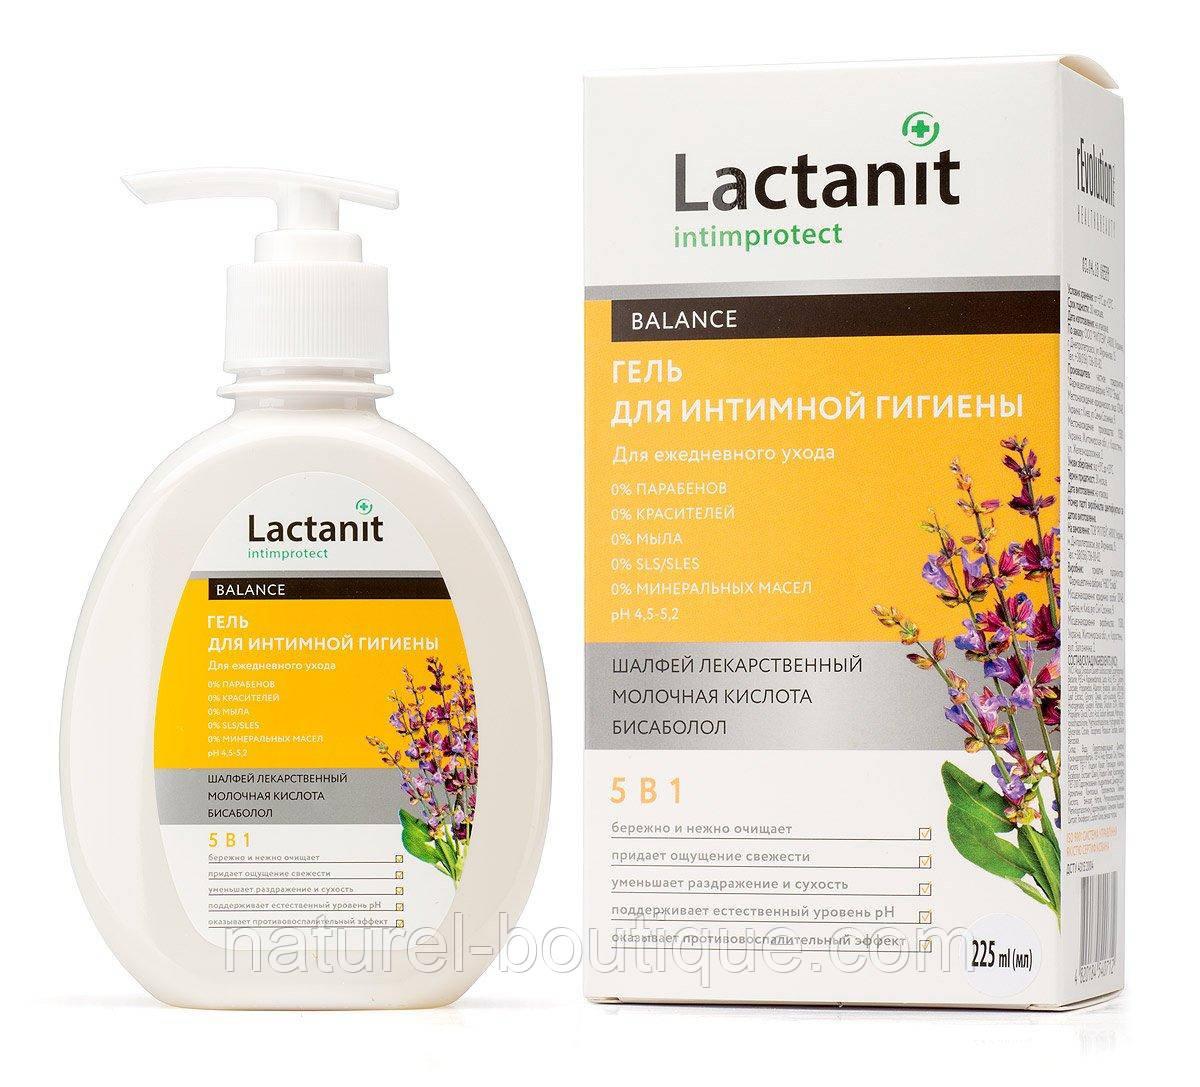 Гель для інтимної гігієни rEvolution PRO Balance ТМ Lactanit